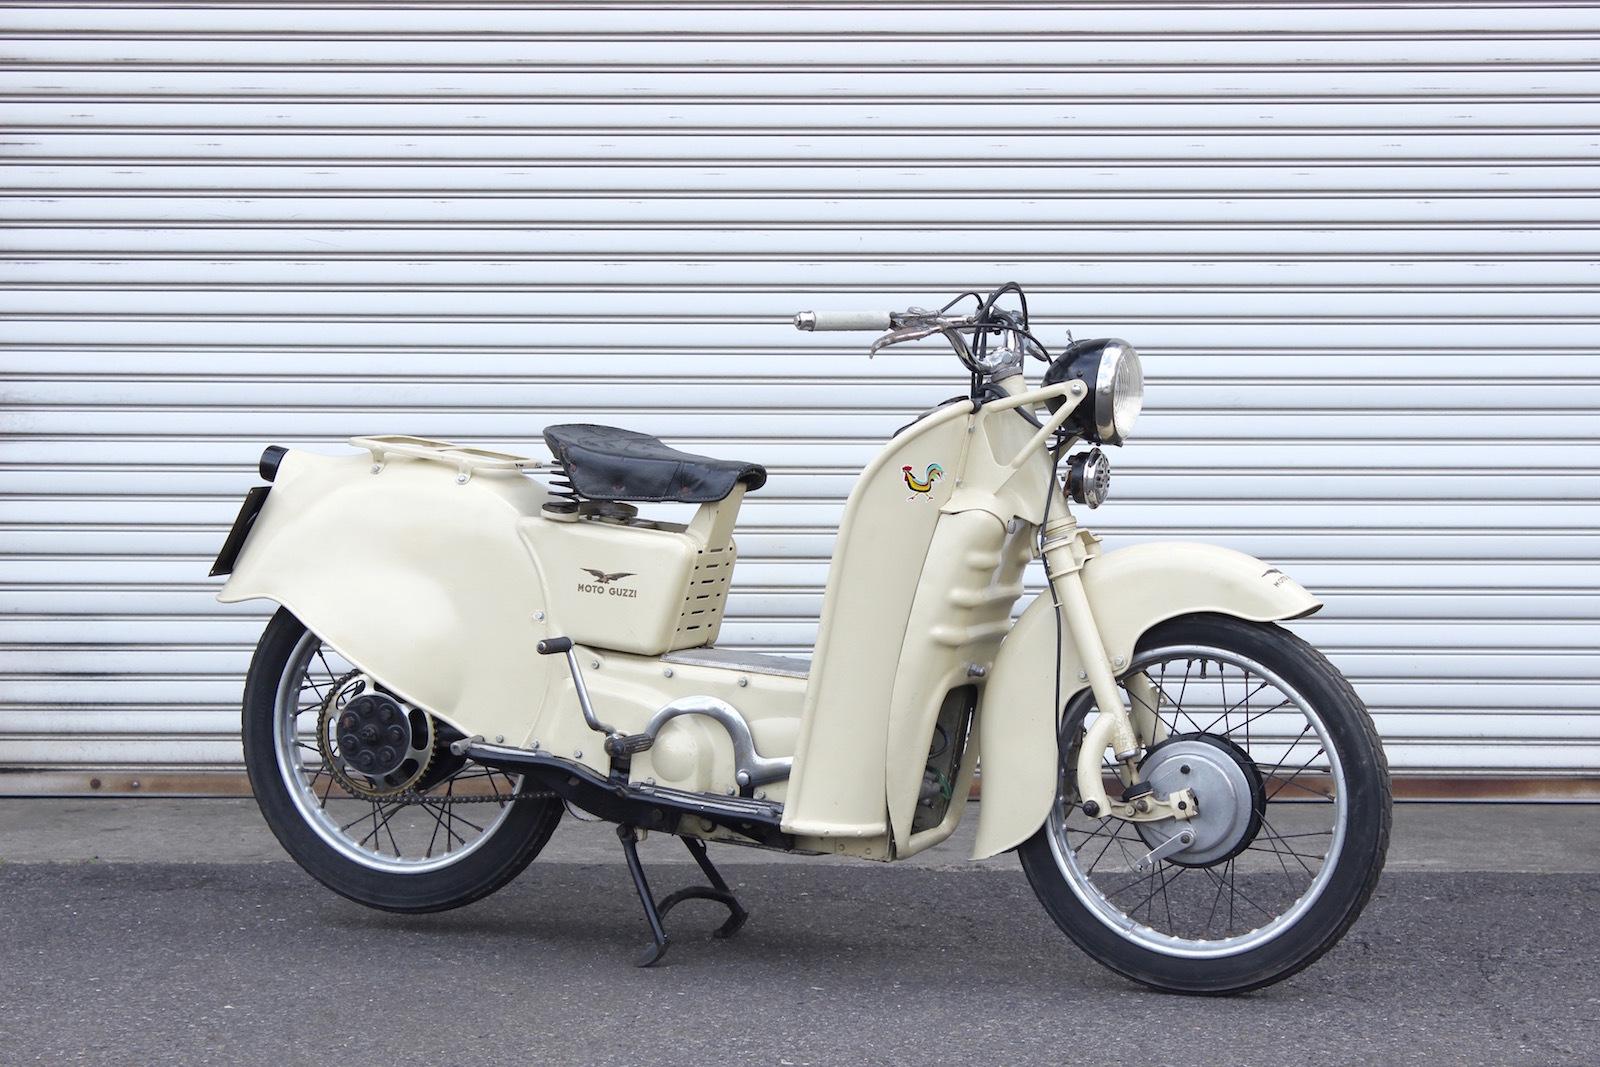 2台のMoto guzzi Galletto_a0208987_11300320.jpg